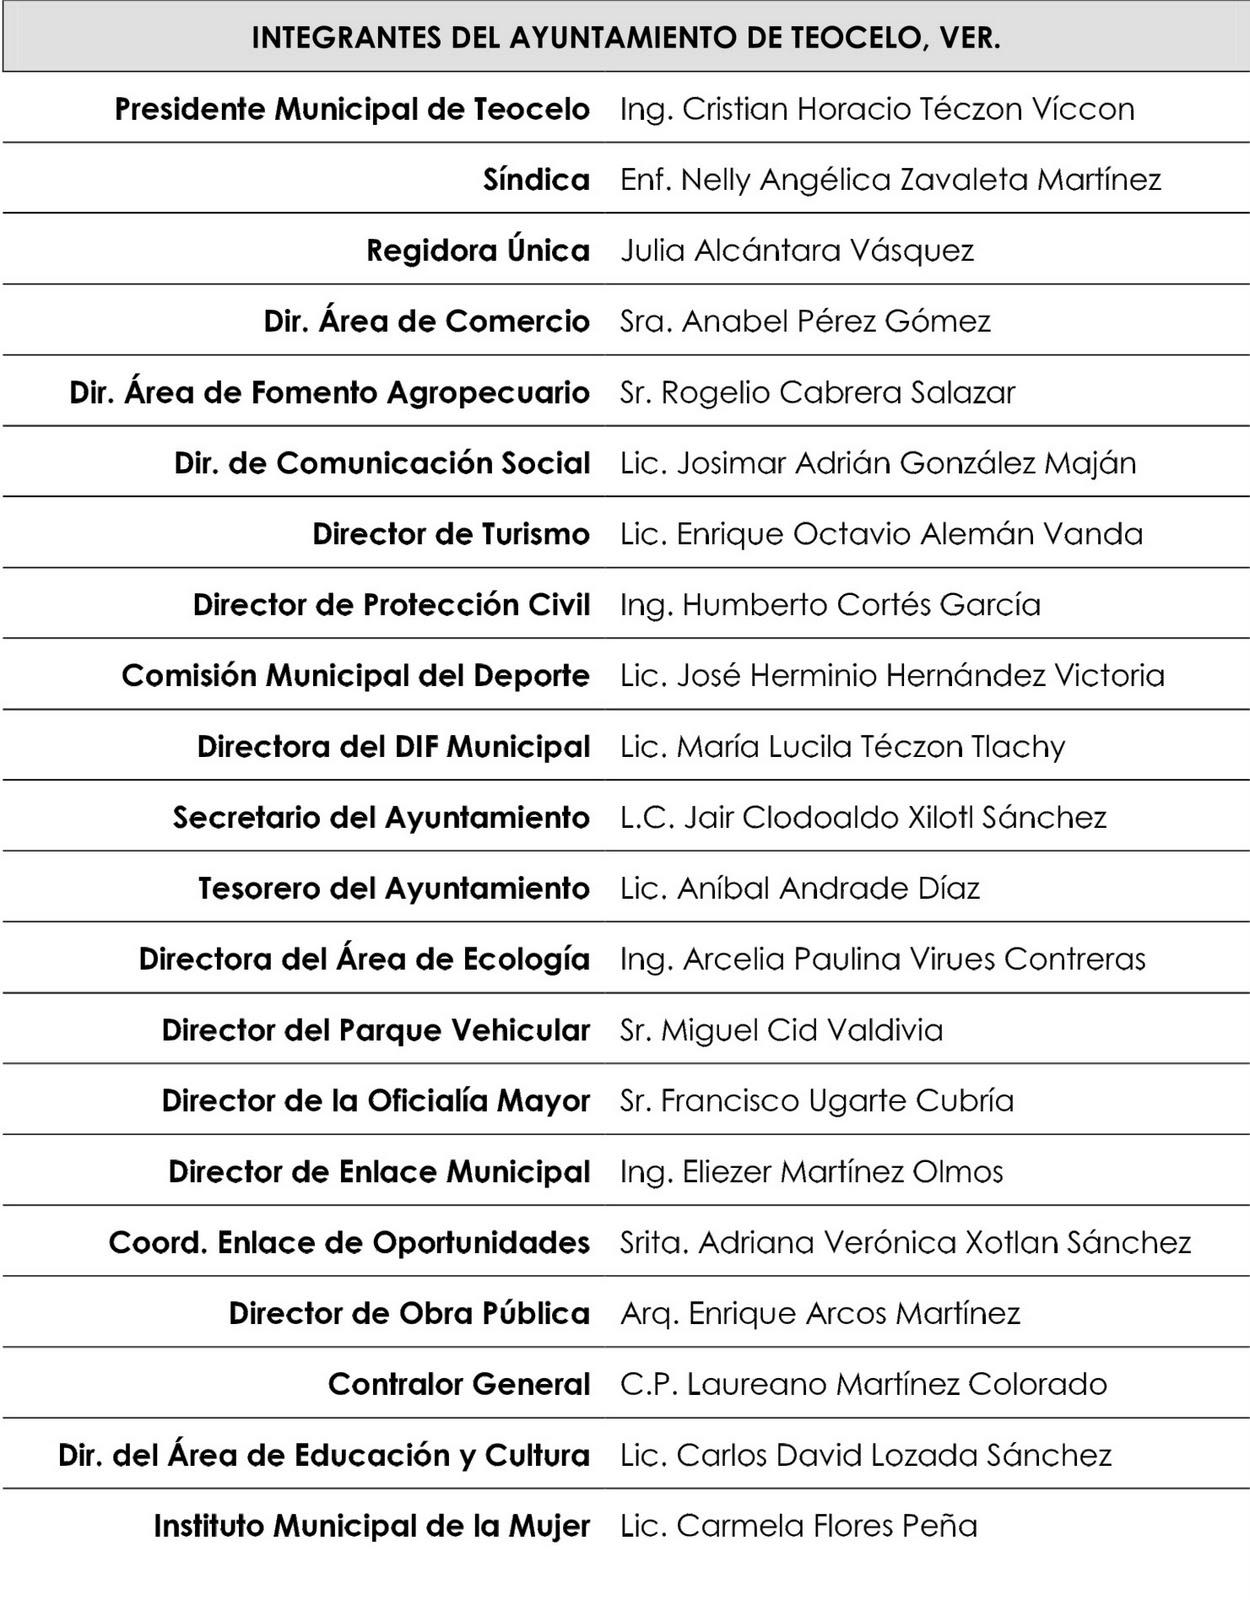 Periodico Altavoz 16 01 11